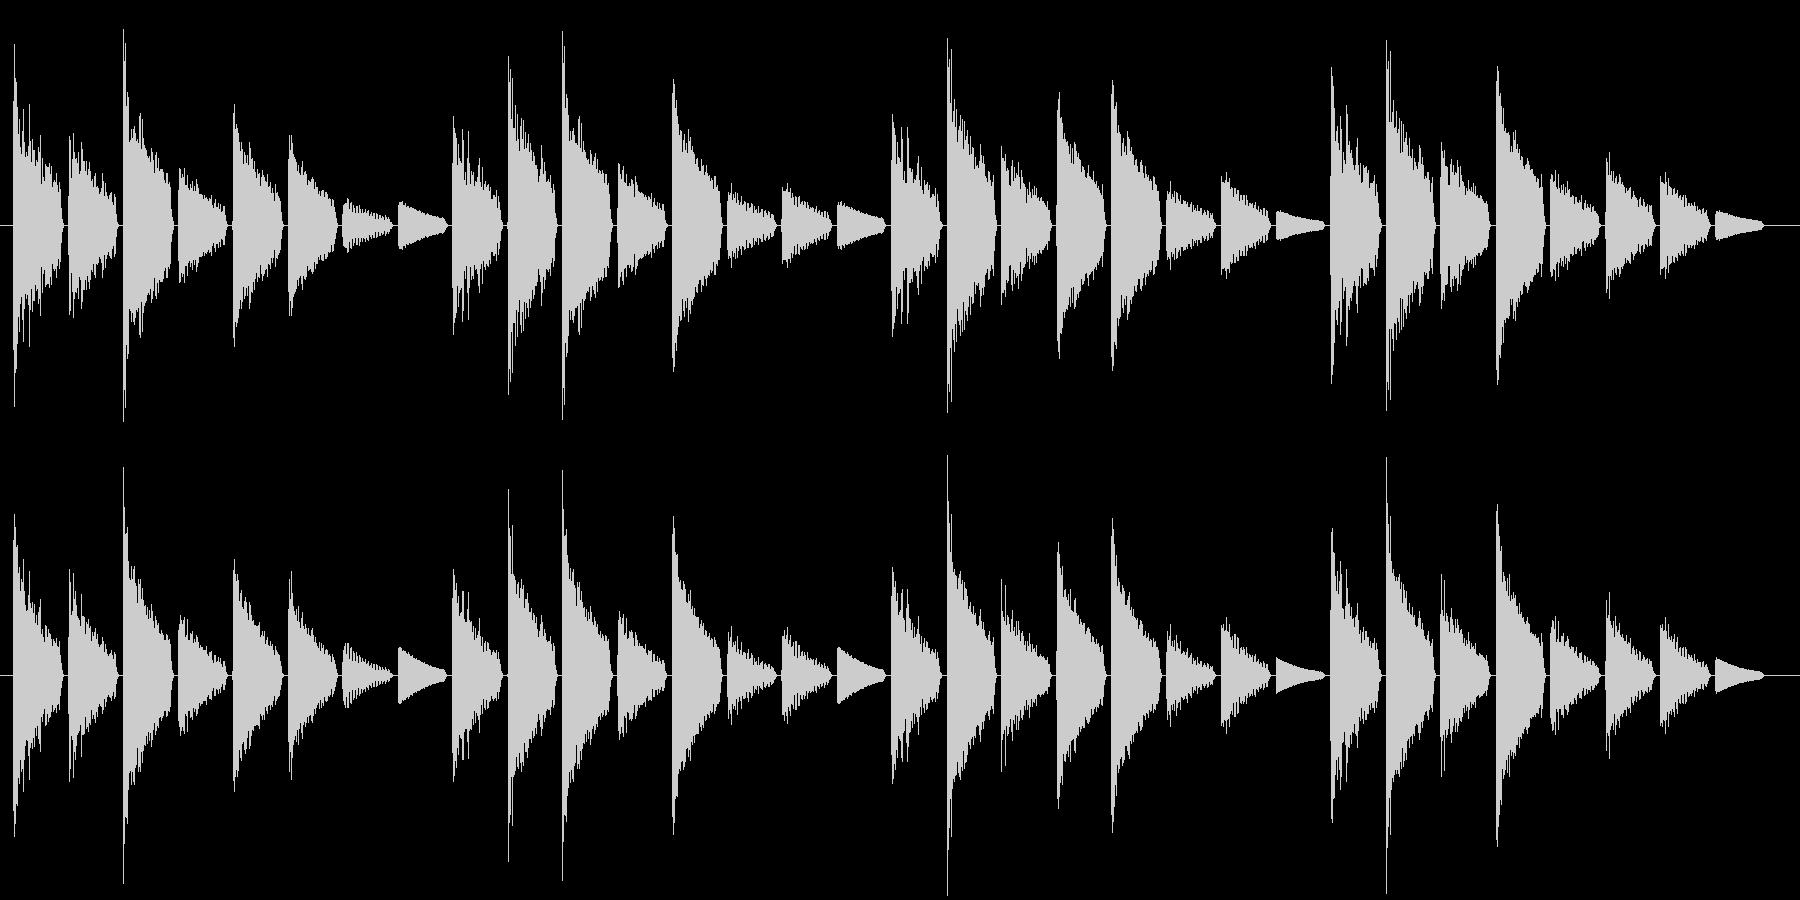 危険を知らせるアラート音(警戒度:低)の未再生の波形